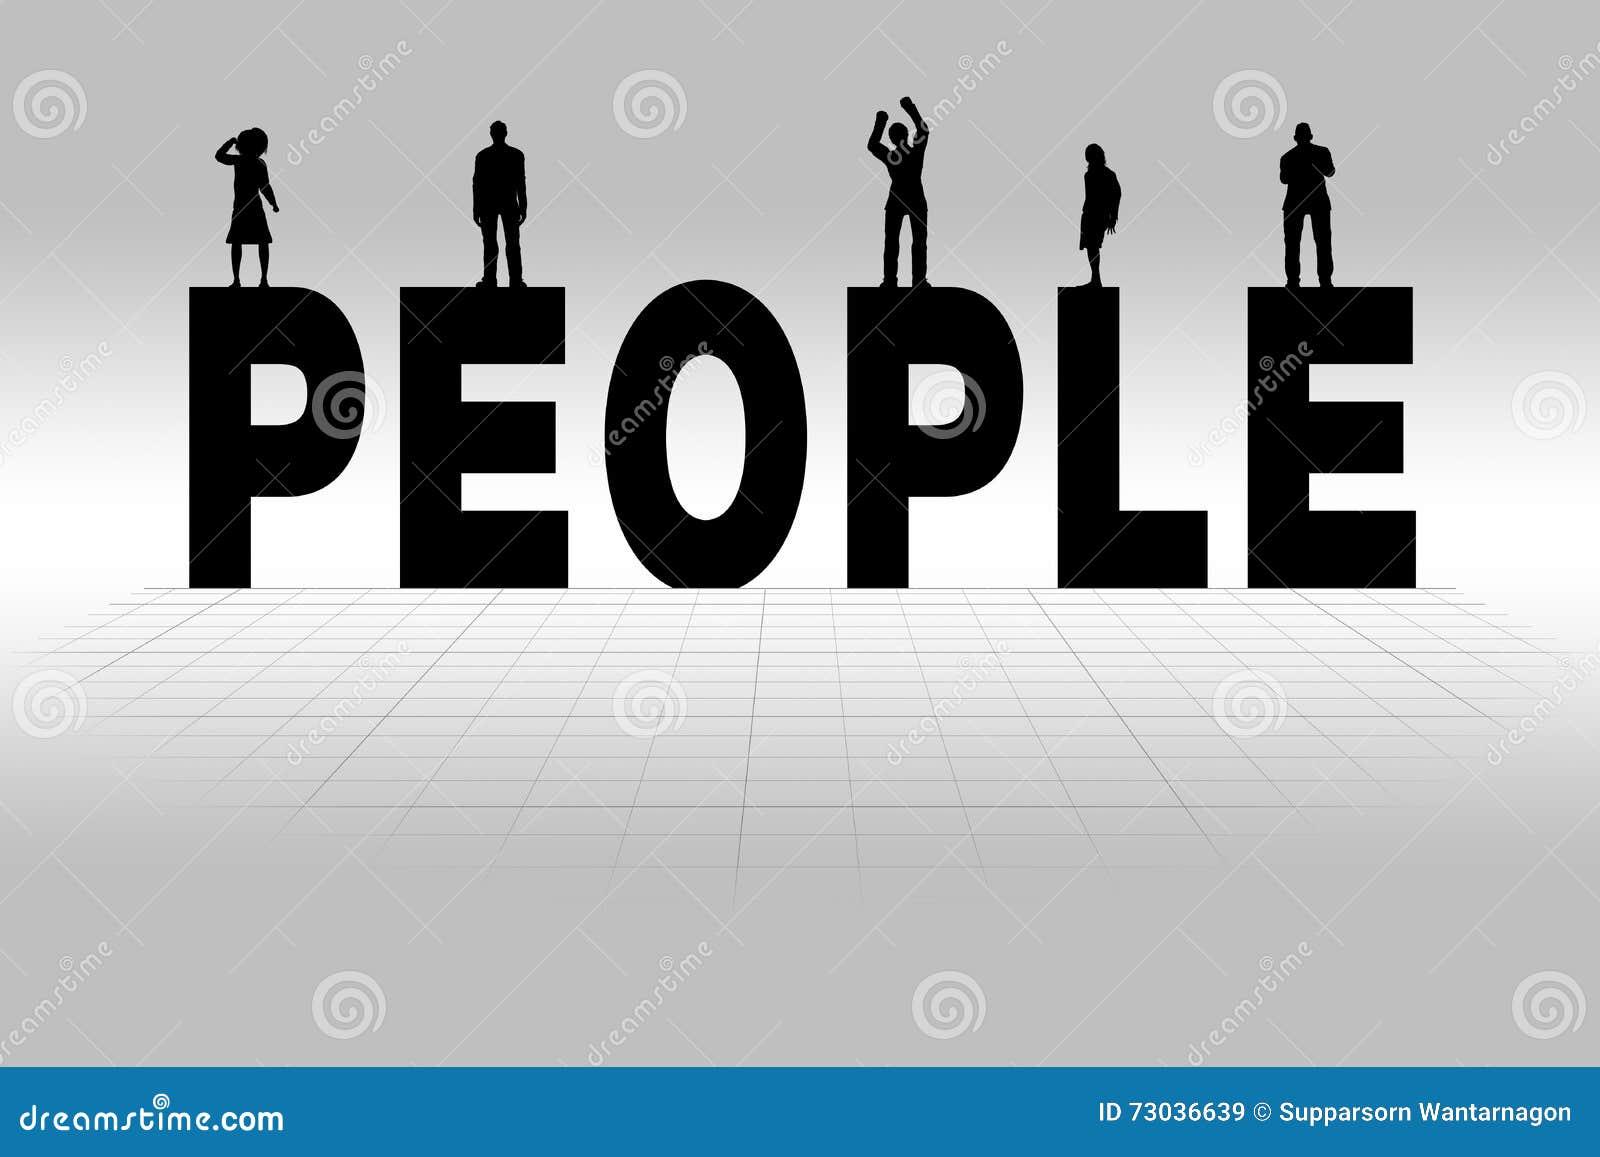 word palabra gente illustrated personas della concept leute silueta concetto wort gruppe veranschaulicht herein konzept personen vom gruppo persone illustrato